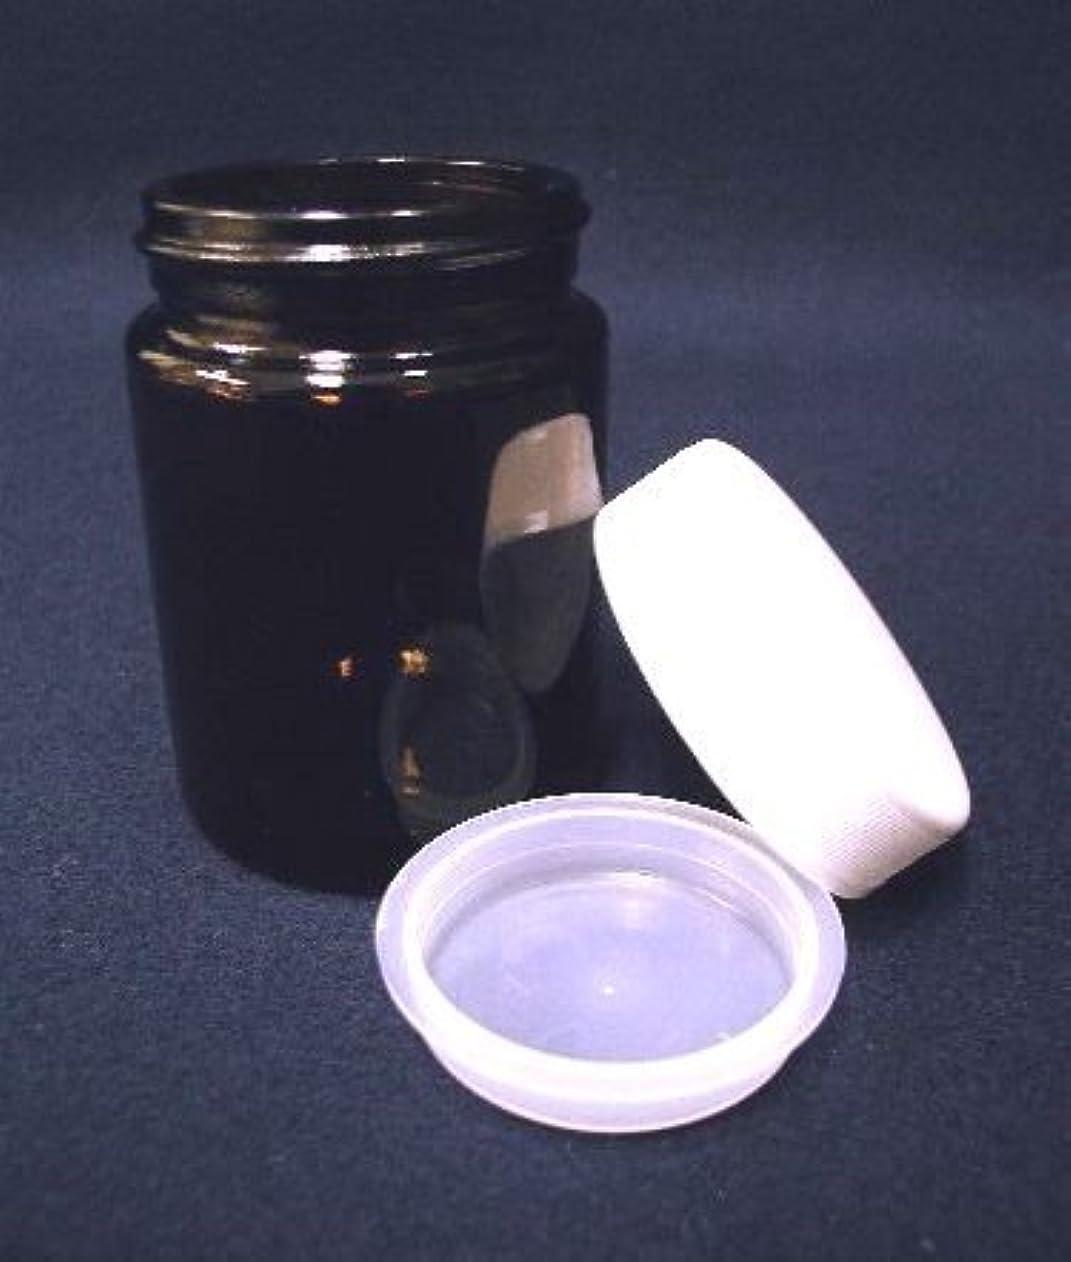 嫌悪称賛肥沃な茶遮光ナンコー瓶/中蓋付き 100ml 【茶遮光ガラスジャー?クリーム容器?詰め替え容器】【容器?道具類】【いまじん】